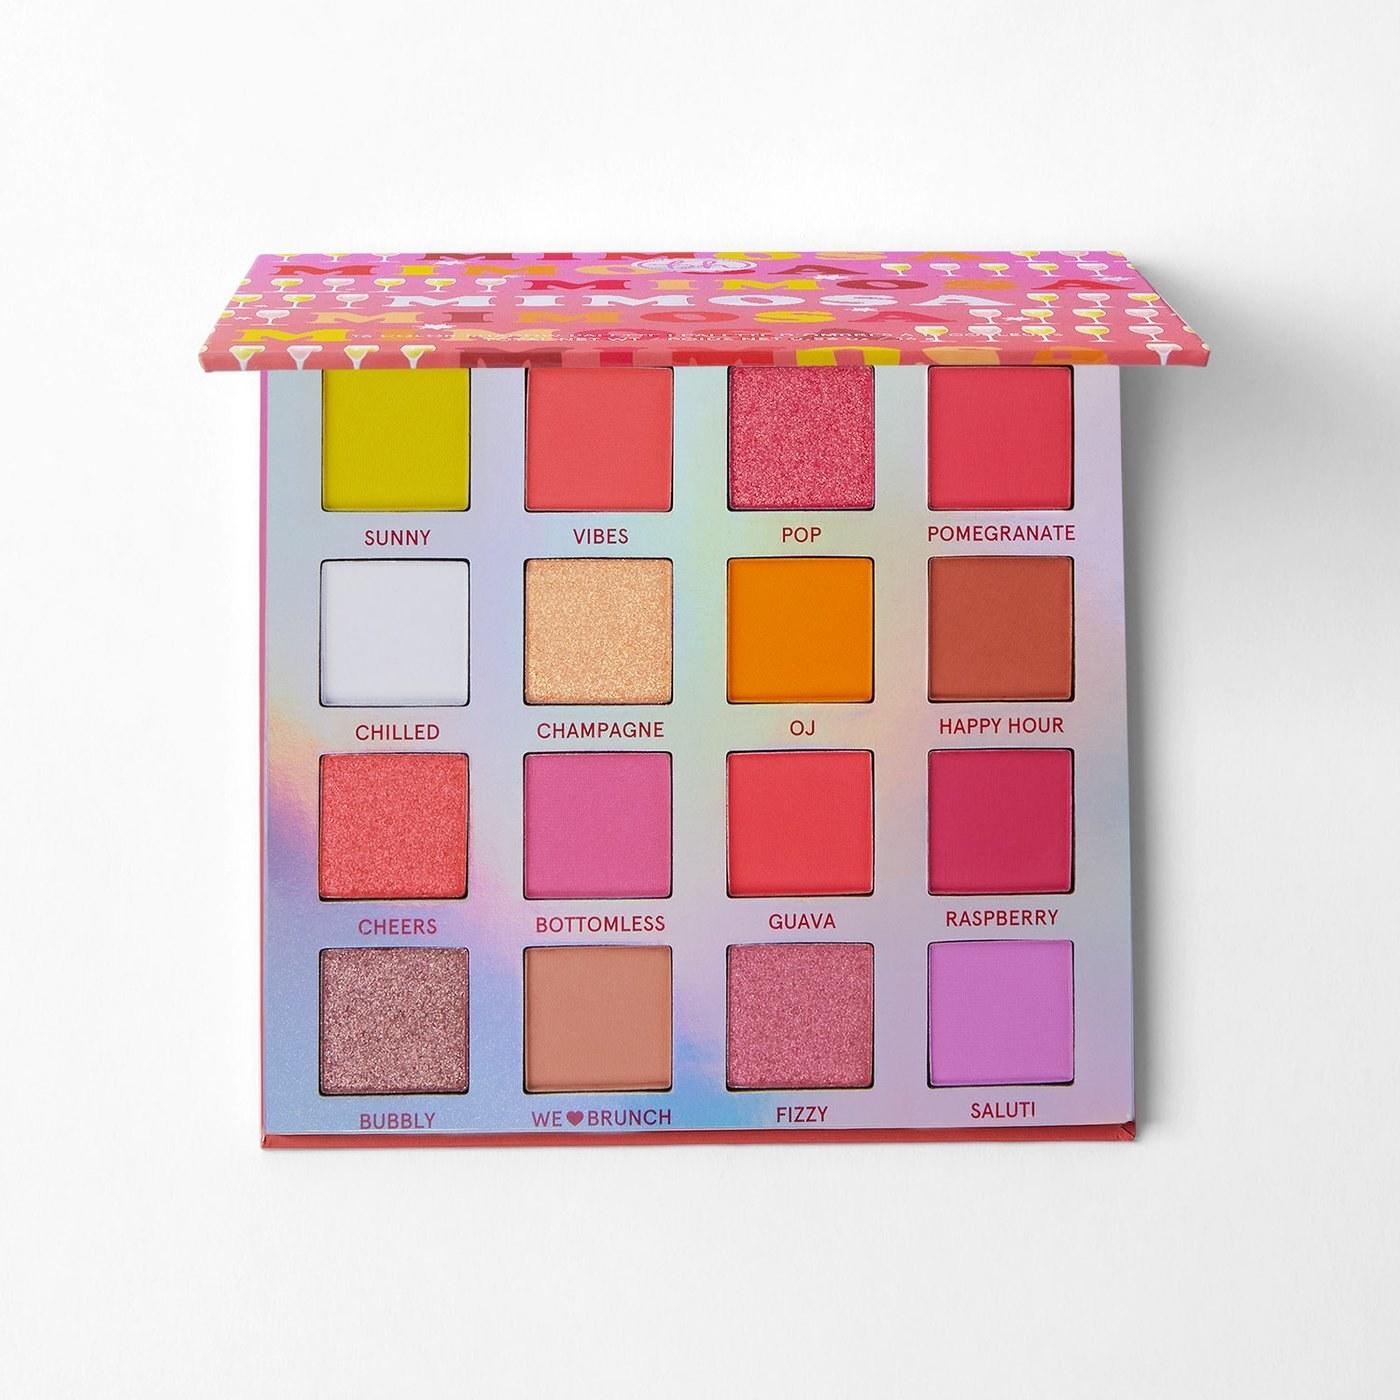 Pink-majority 16-color eyeshadow palette